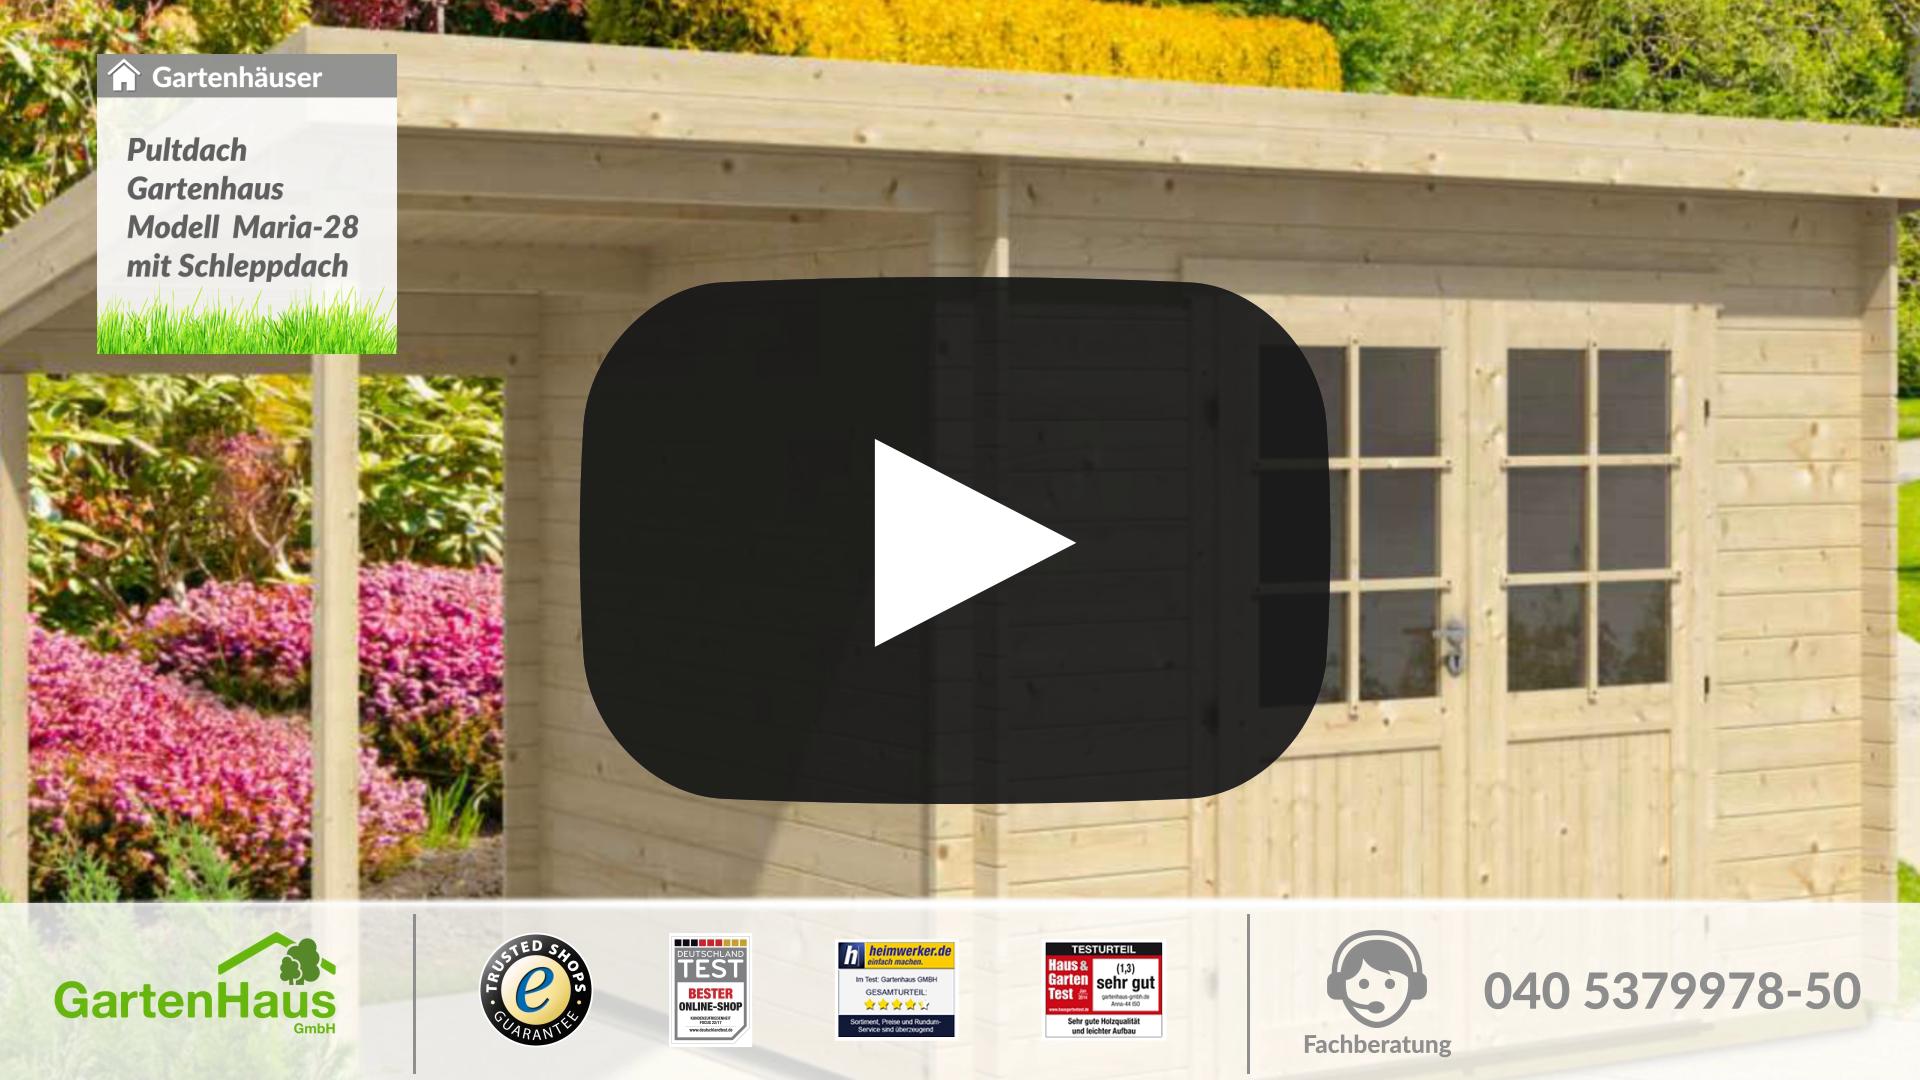 pultdach gartenhaus modell maria iso mit schleppdach. Black Bedroom Furniture Sets. Home Design Ideas